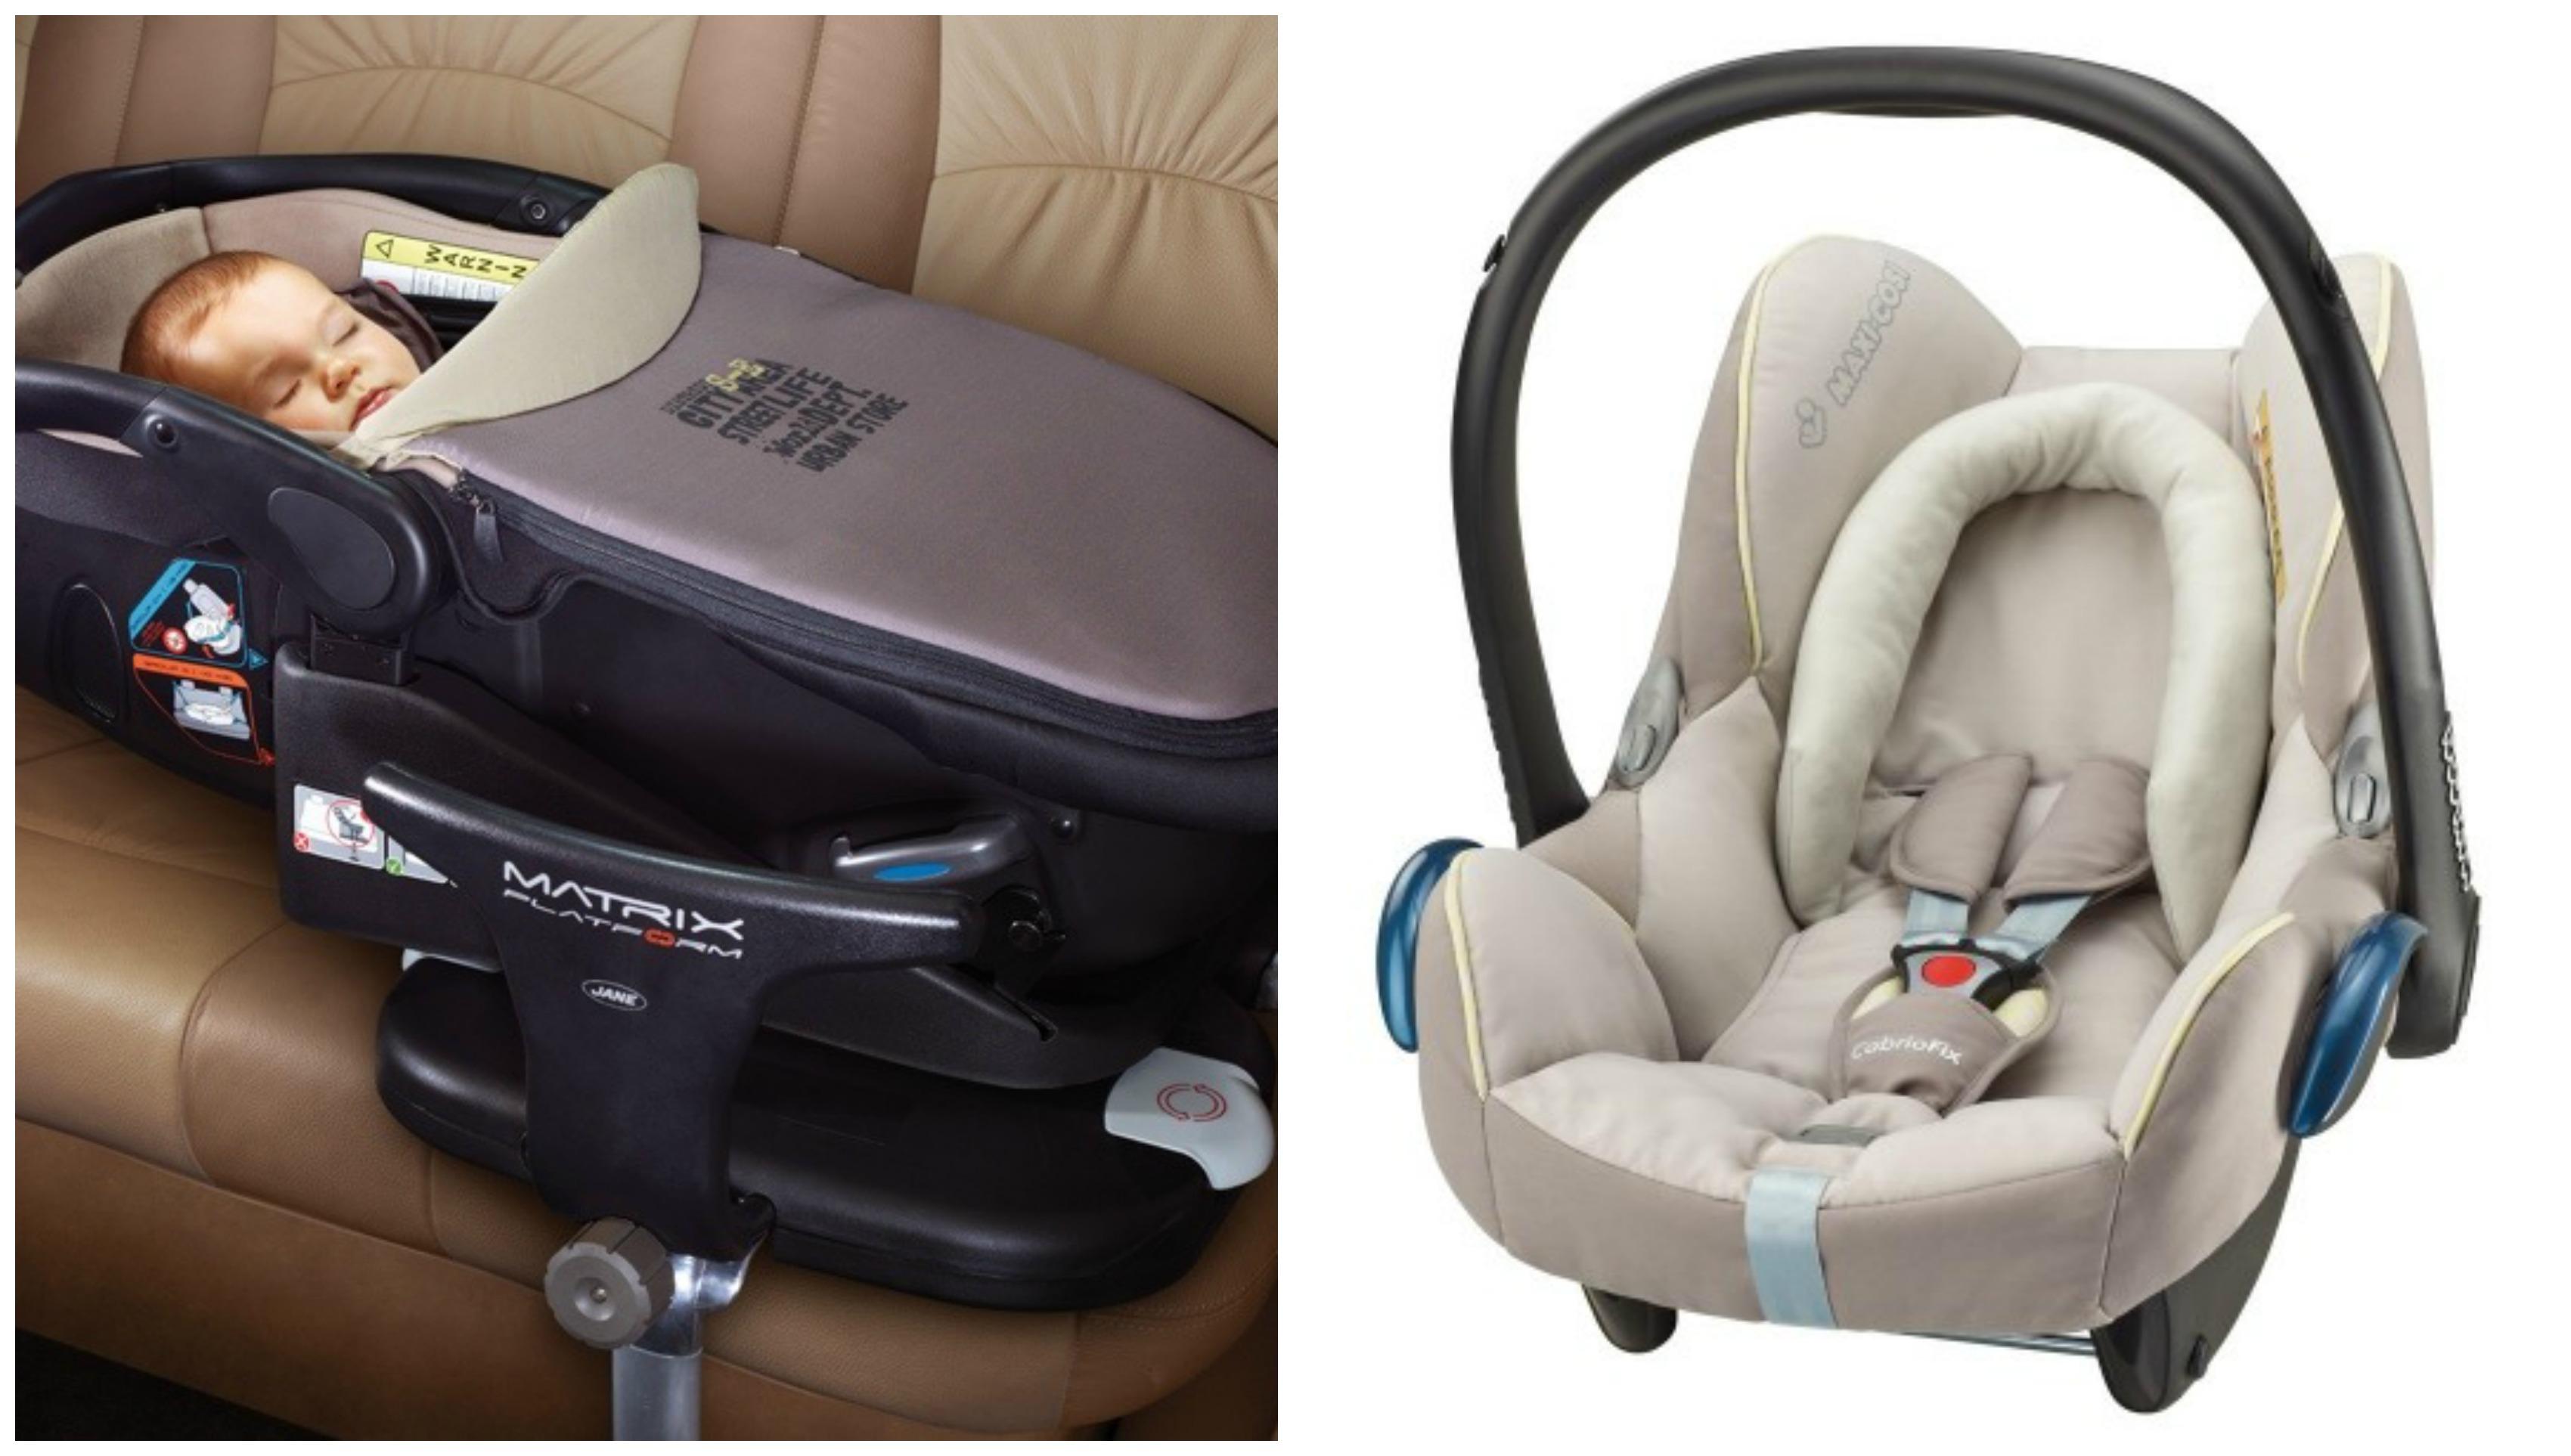 autoreiswieg-veiliger-dan-een-autostoel-GoodGirlsCompany